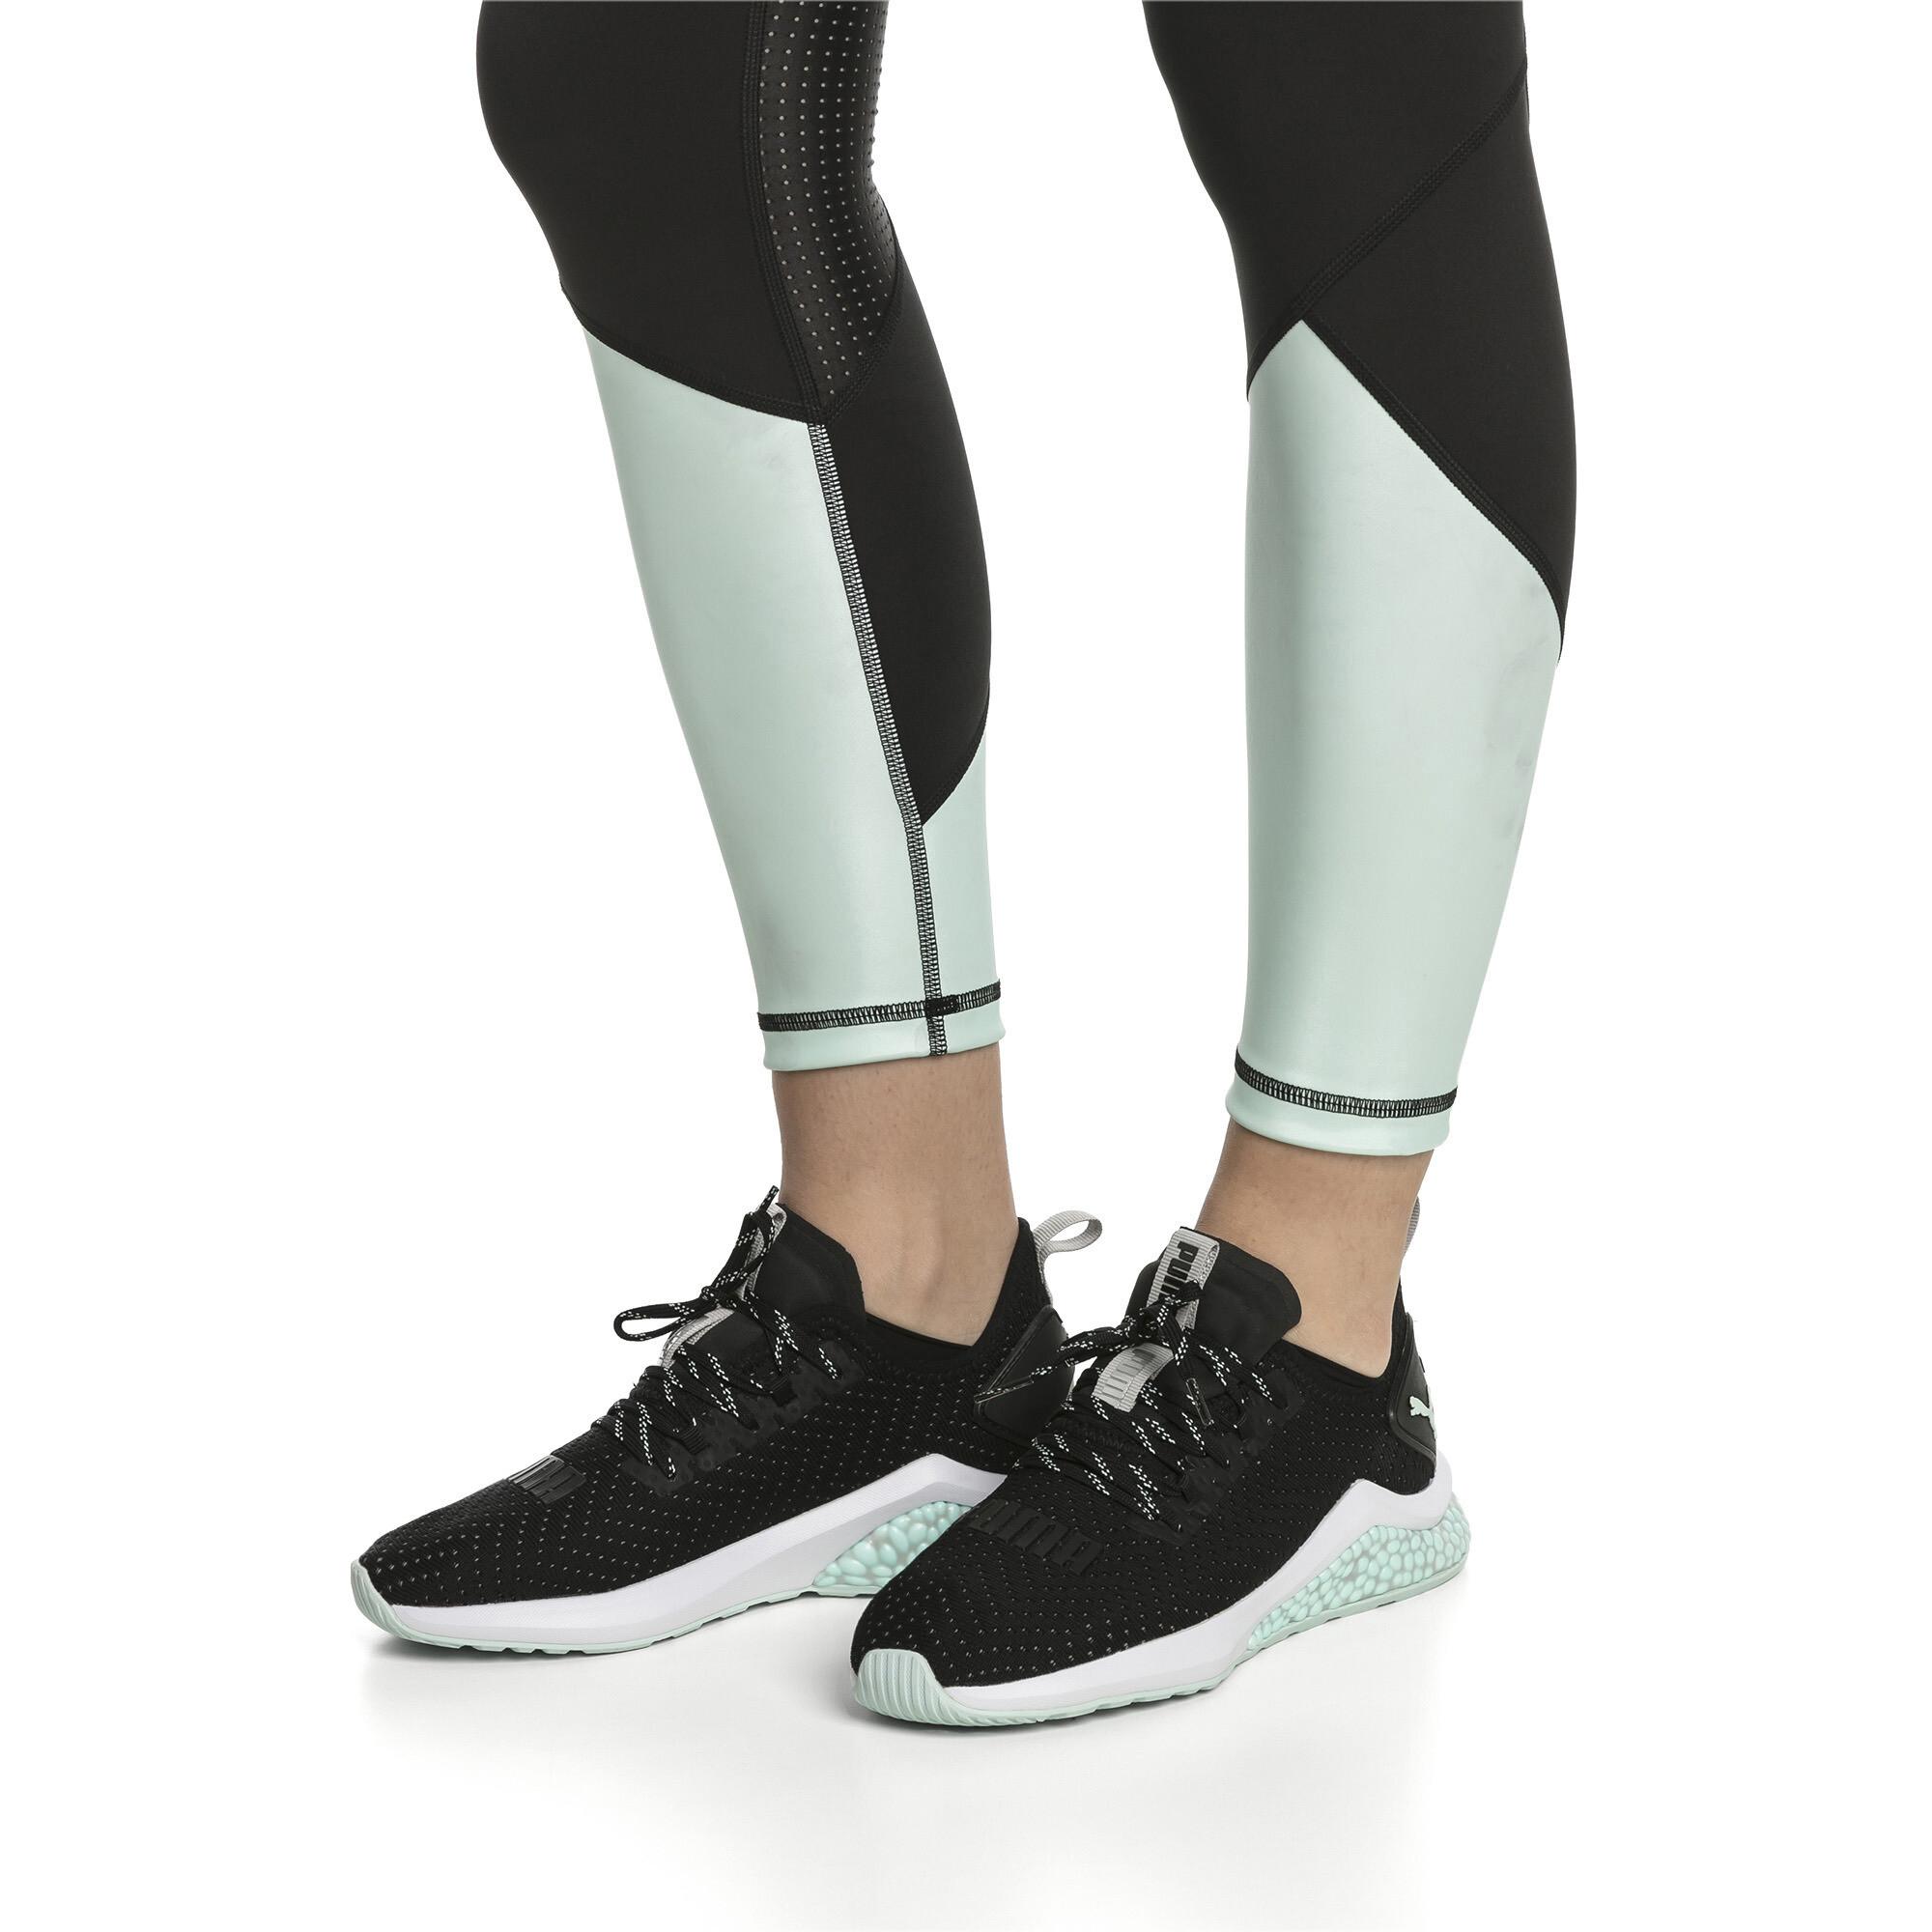 6688154d010 HYBRID NX TZ Women's Running Shoes | 10 - Black | Puma